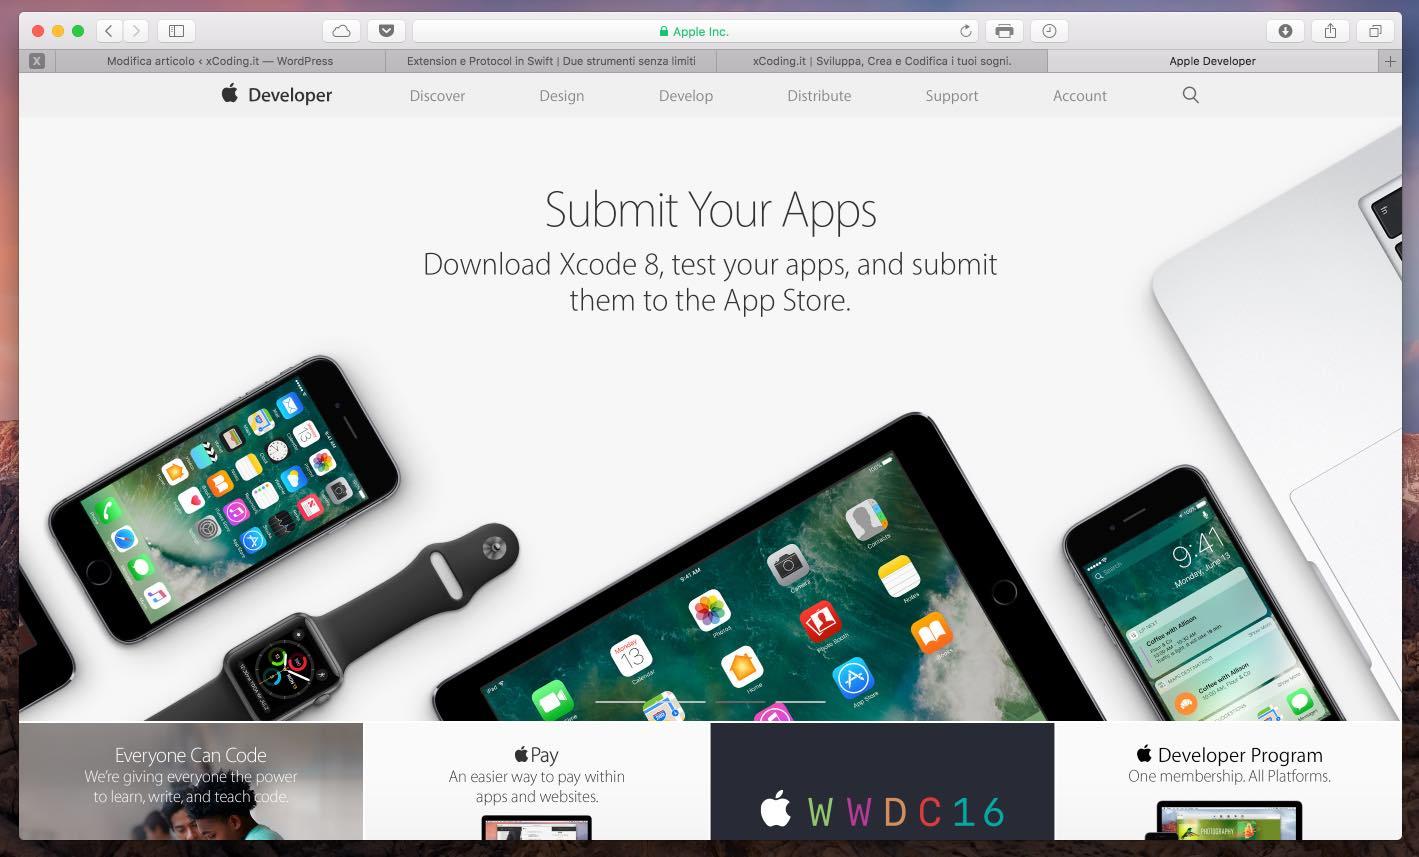 come-creare-un-account-sviluppatore-apple